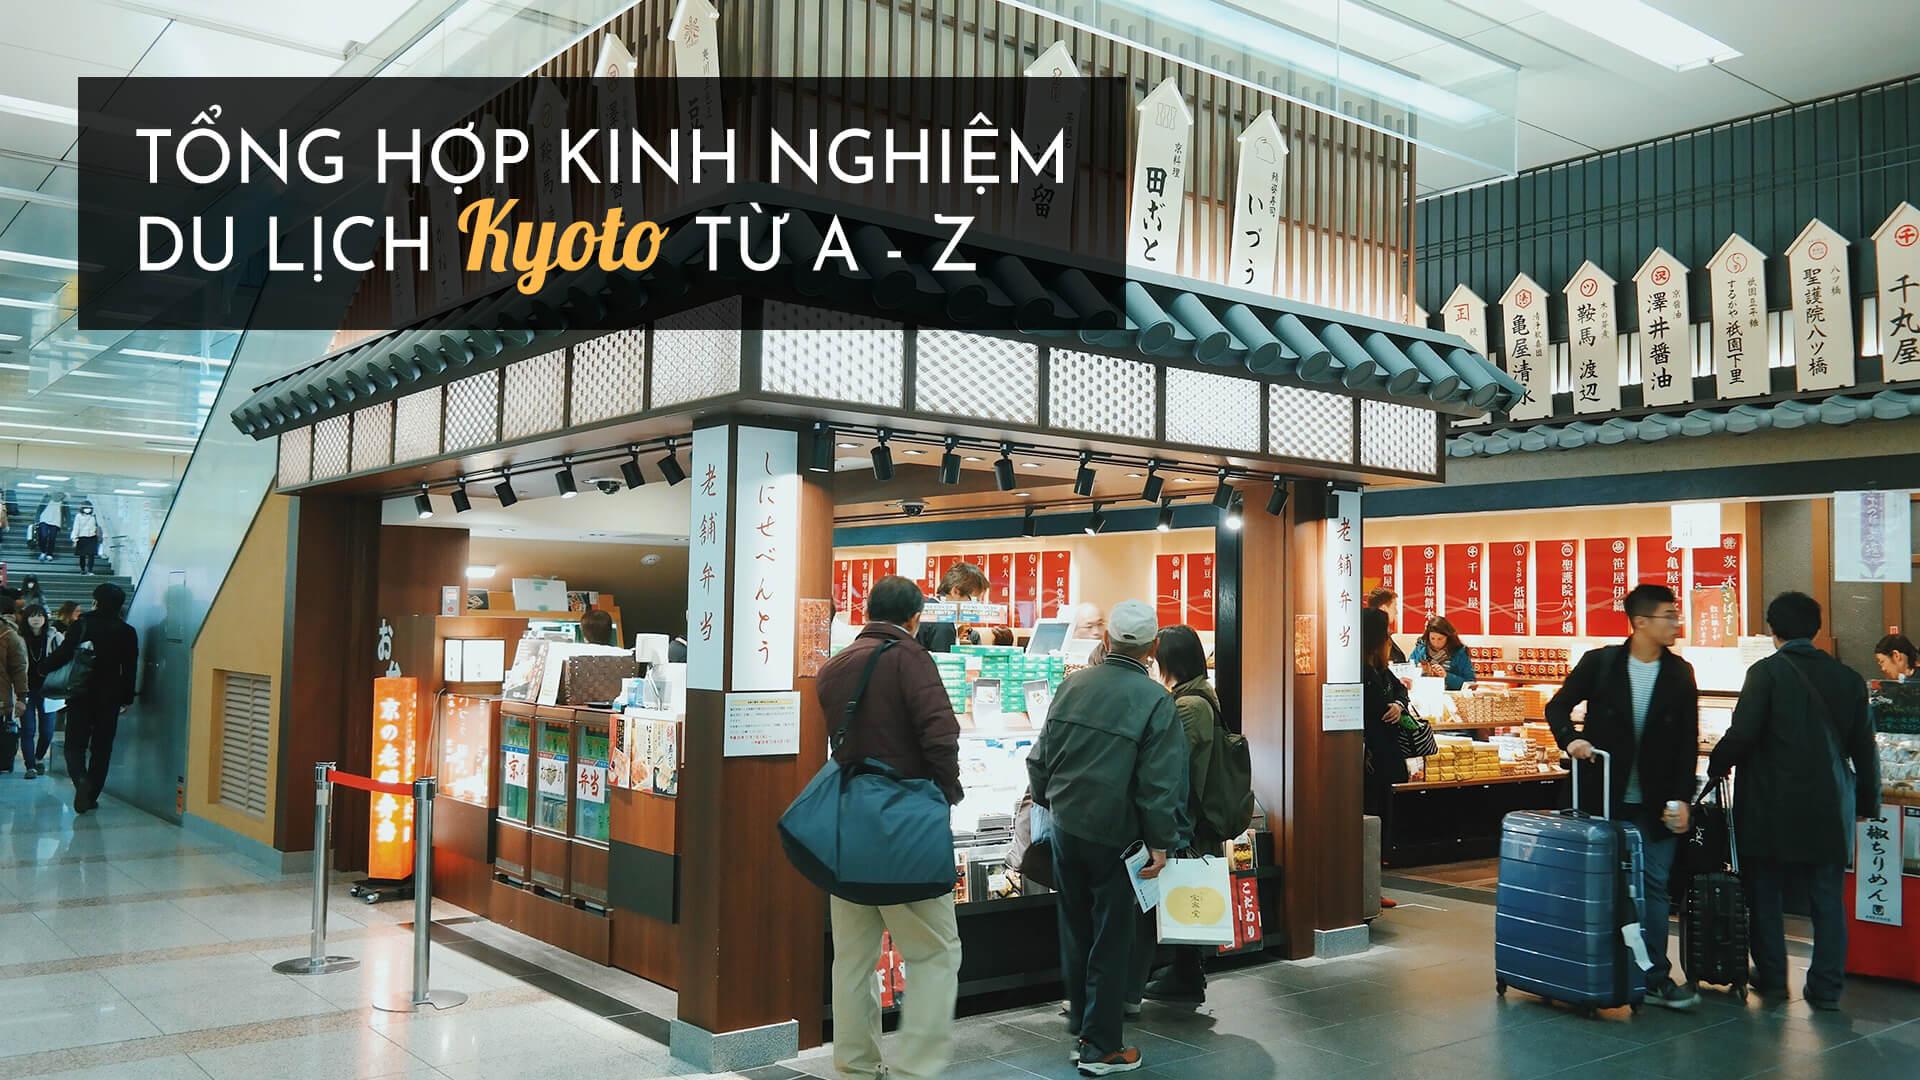 Tổng hợp kinh nghiệm du lịch Kyoto từ A - Z